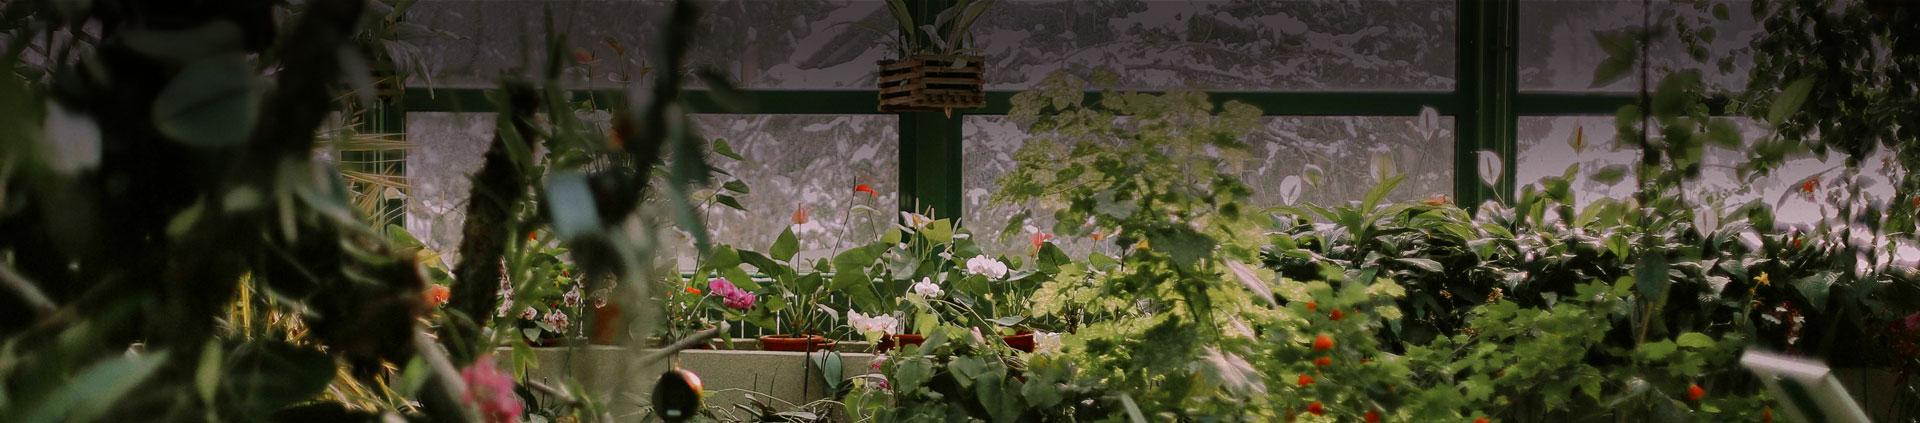 EUCALIPTO Plantas Decorativas